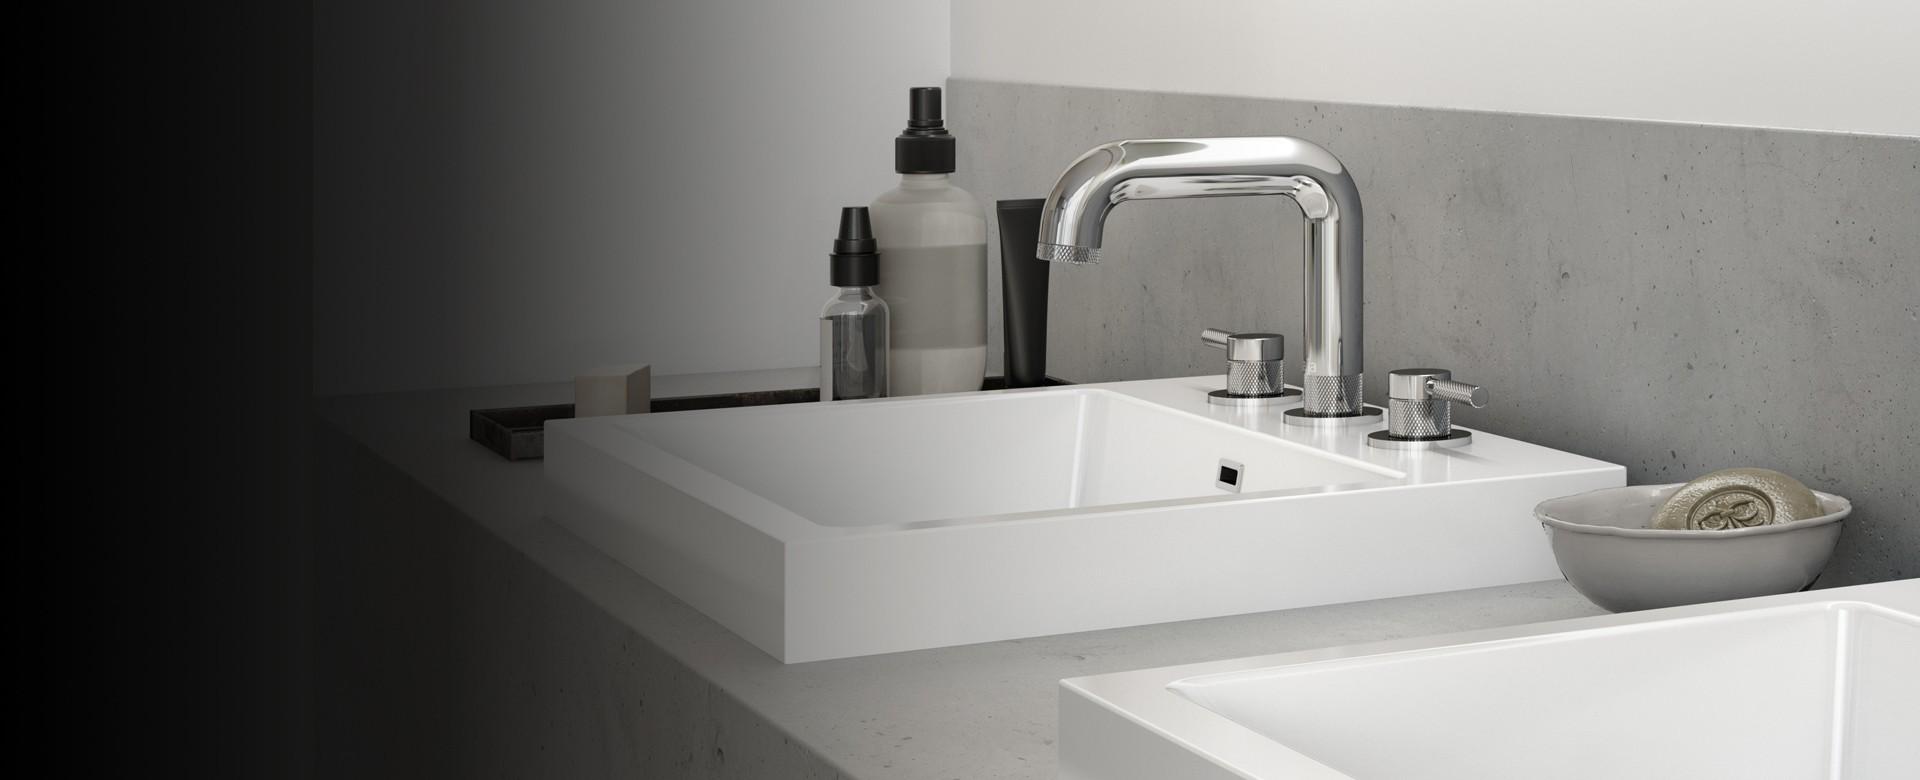 bathroom-faucets-preciso